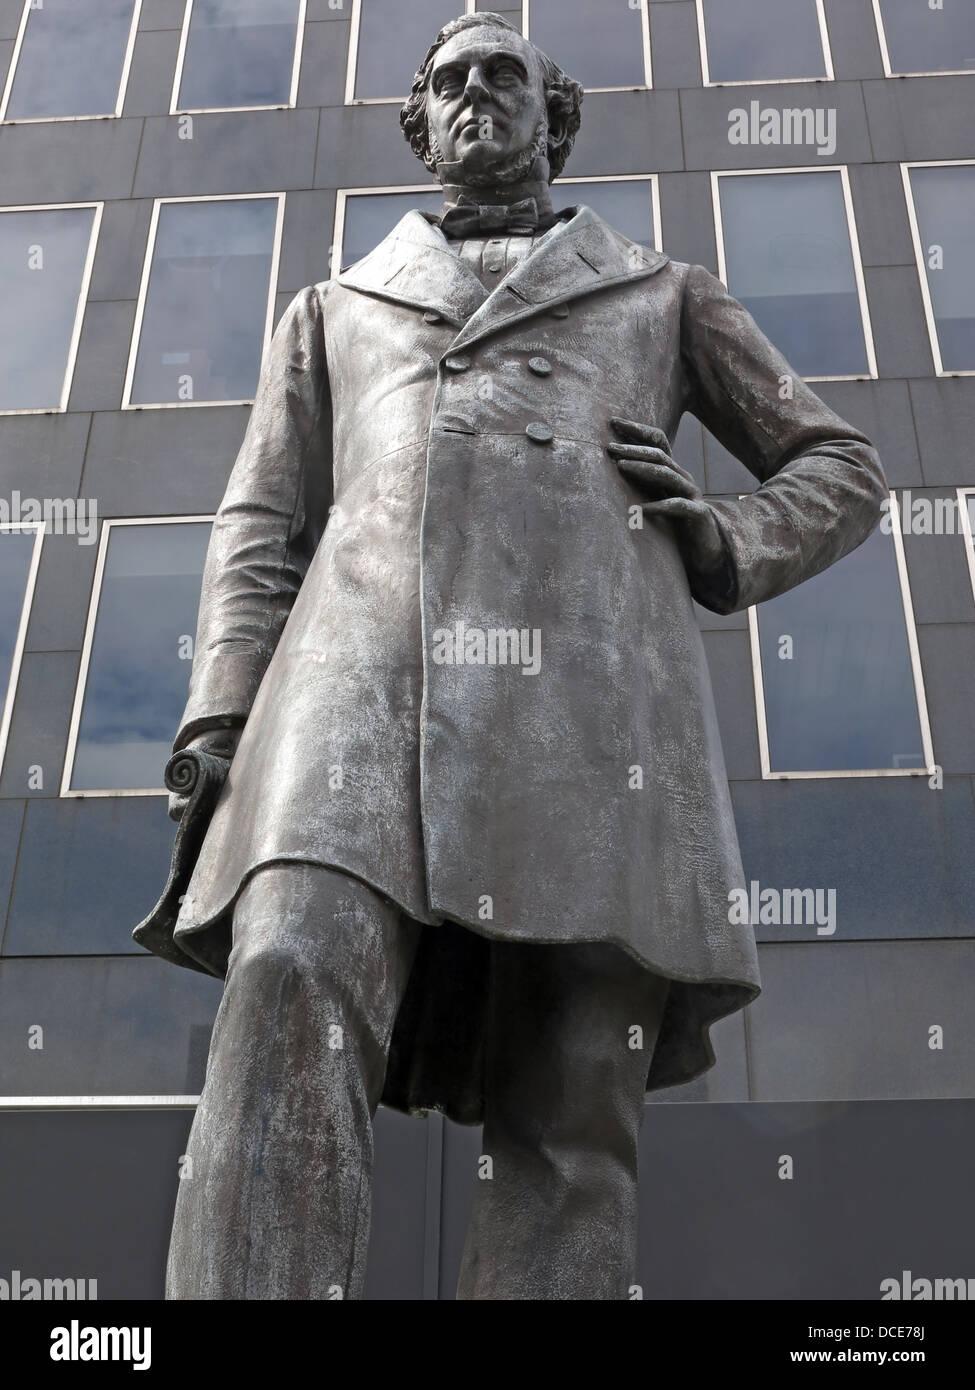 Laden Sie dieses Alamy Stockfoto Robert Stephenson Statue außerhalb von Euston Station London, England - DCE78J